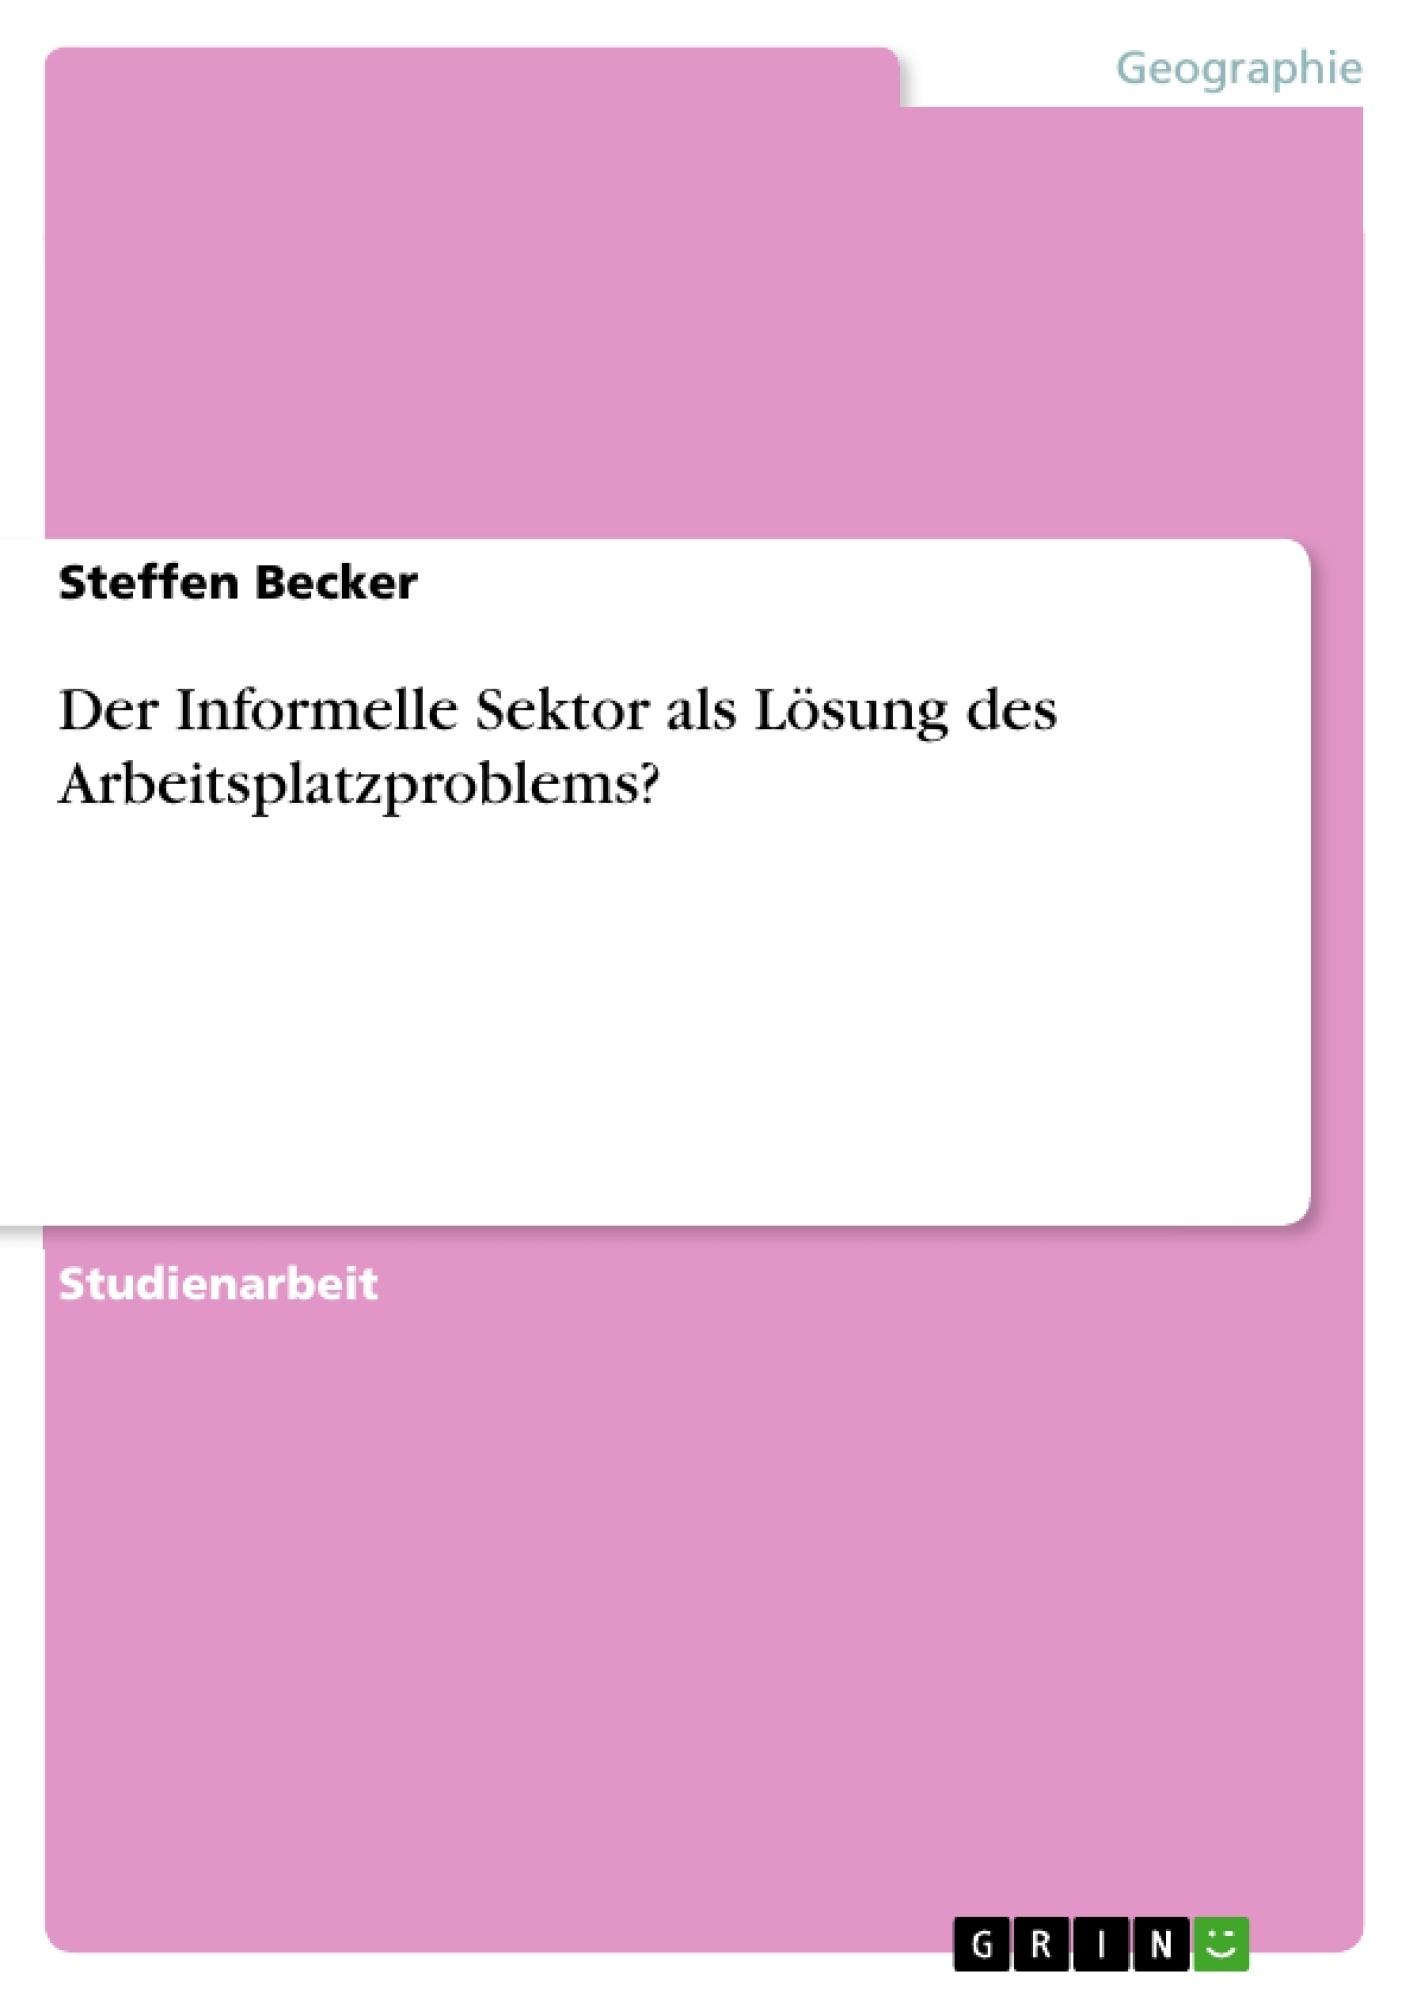 Titel: Der Informelle Sektor als Lösung des Arbeitsplatzproblems?